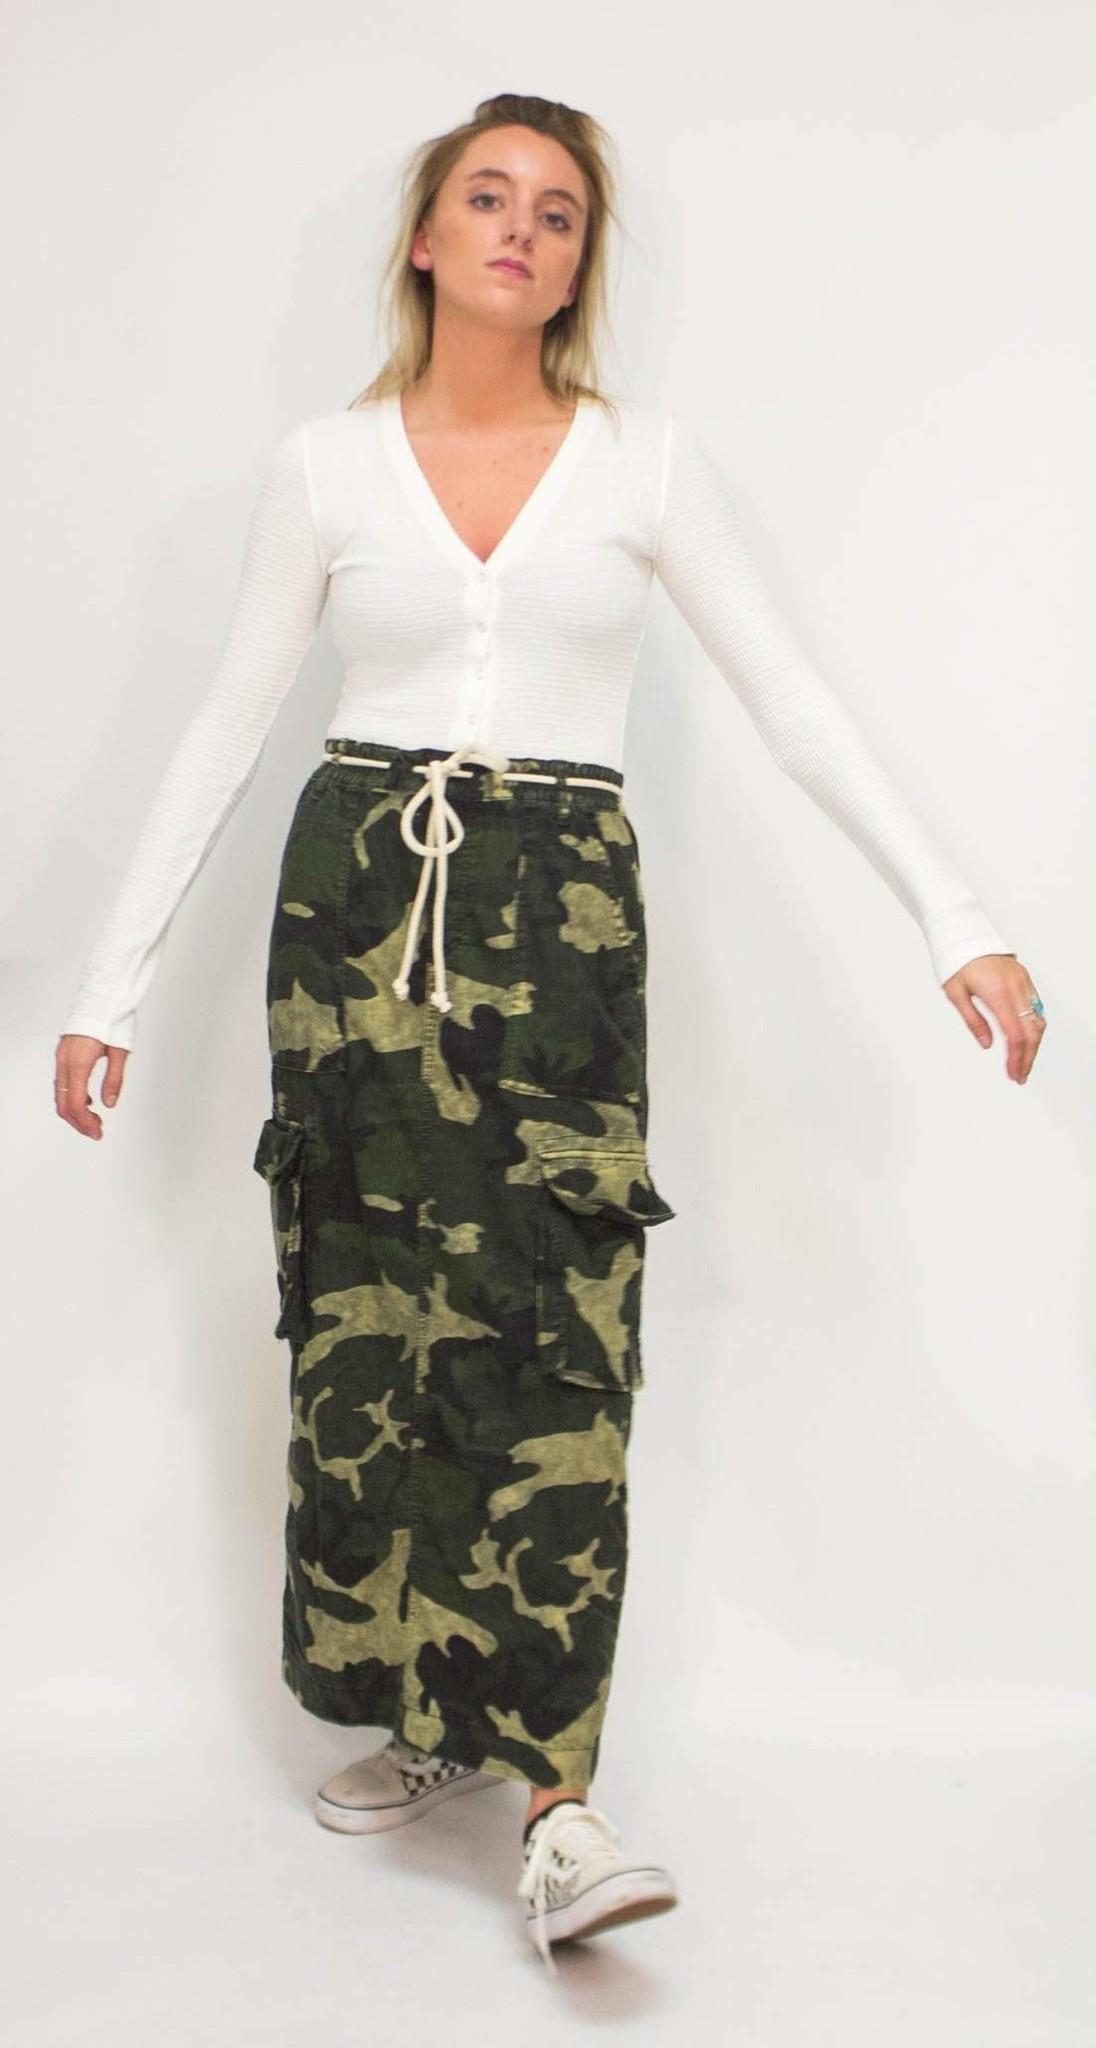 Free People Let Me In Skirt